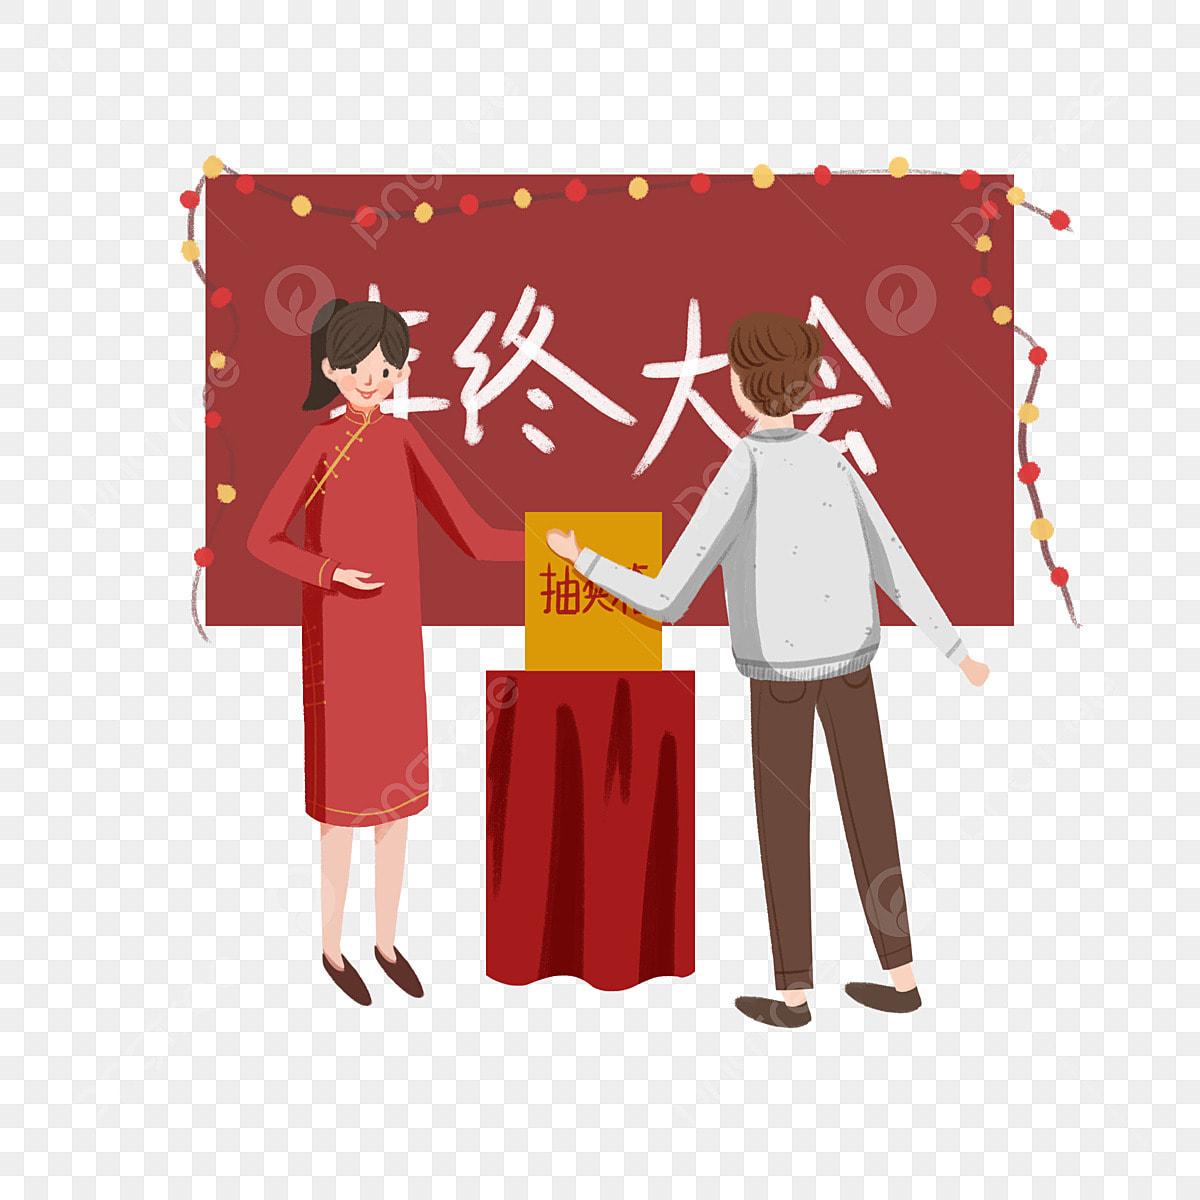 La Boite Jaune Prix illustration du personnage de la réunion table rouge boîte